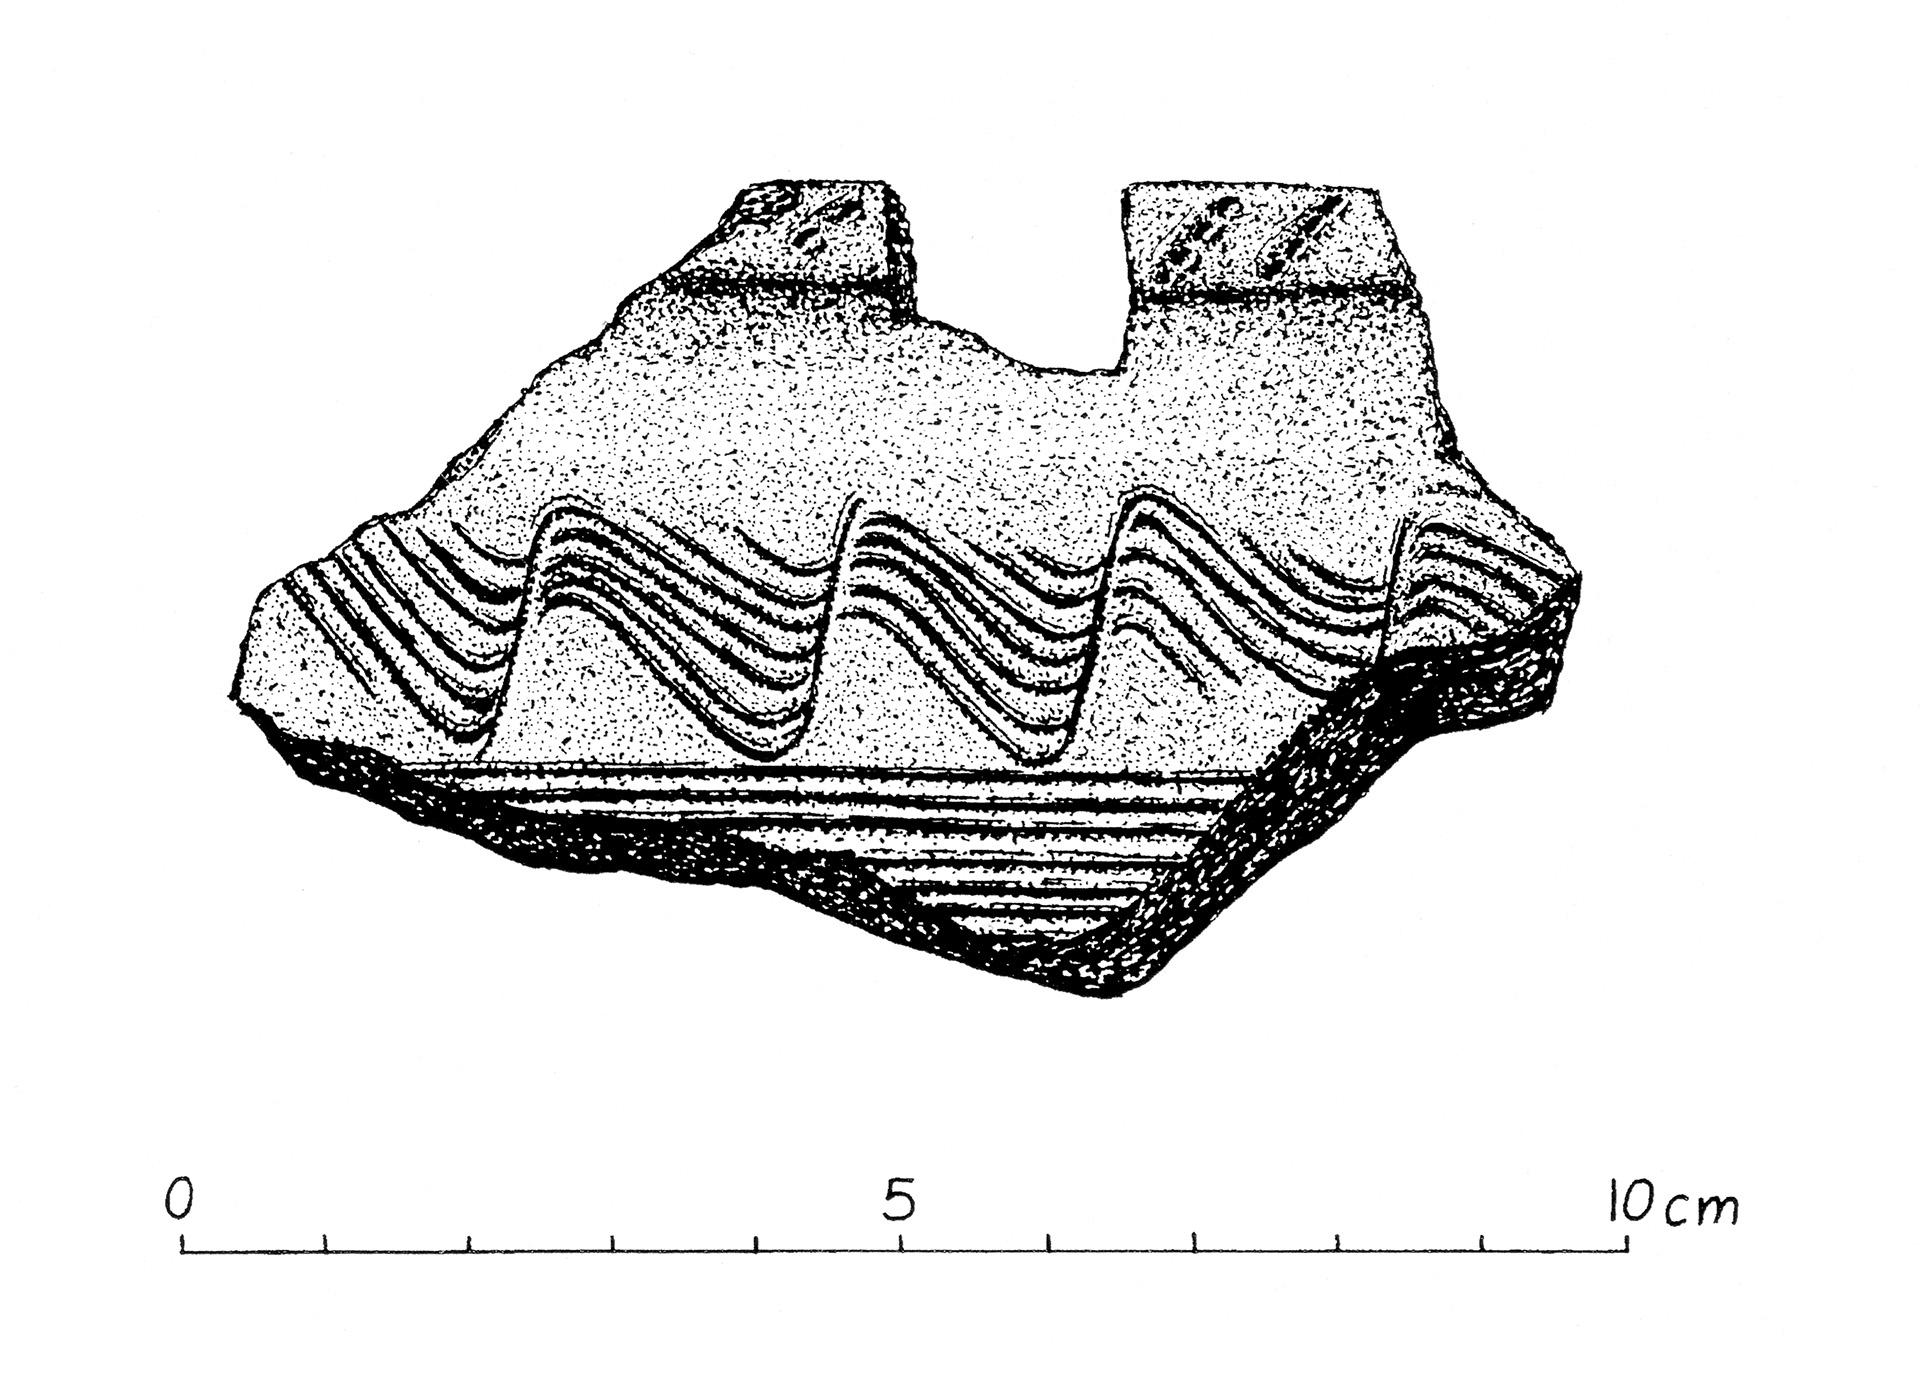 Teckning av keramikskärva som hittades vid trelleborgen.